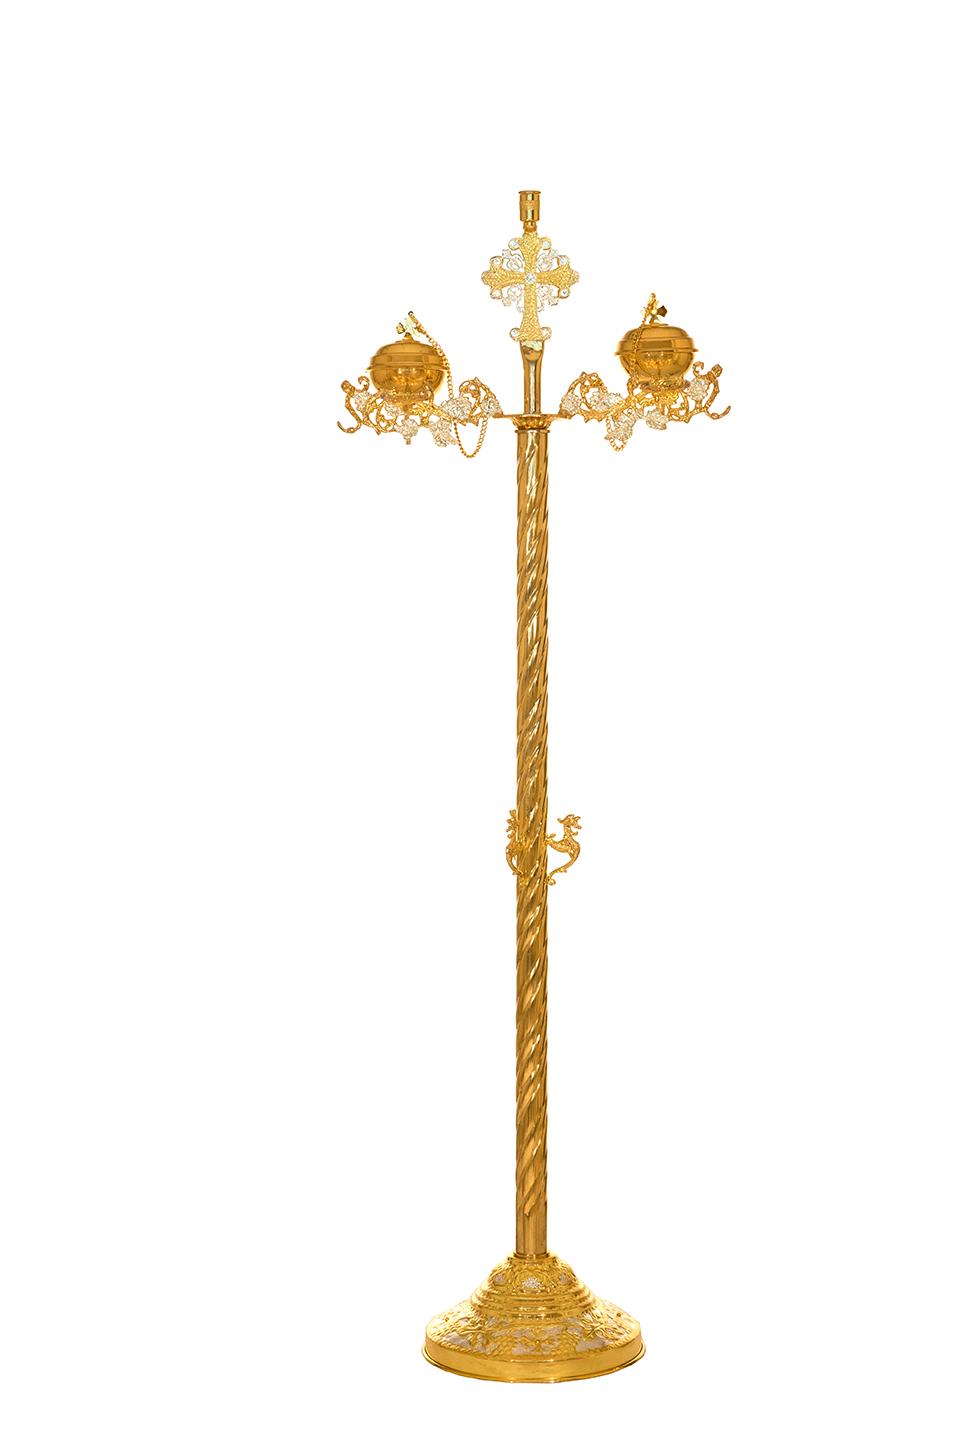 Ντολτσοκρεμάστρα Δίχρωμη (157-00)